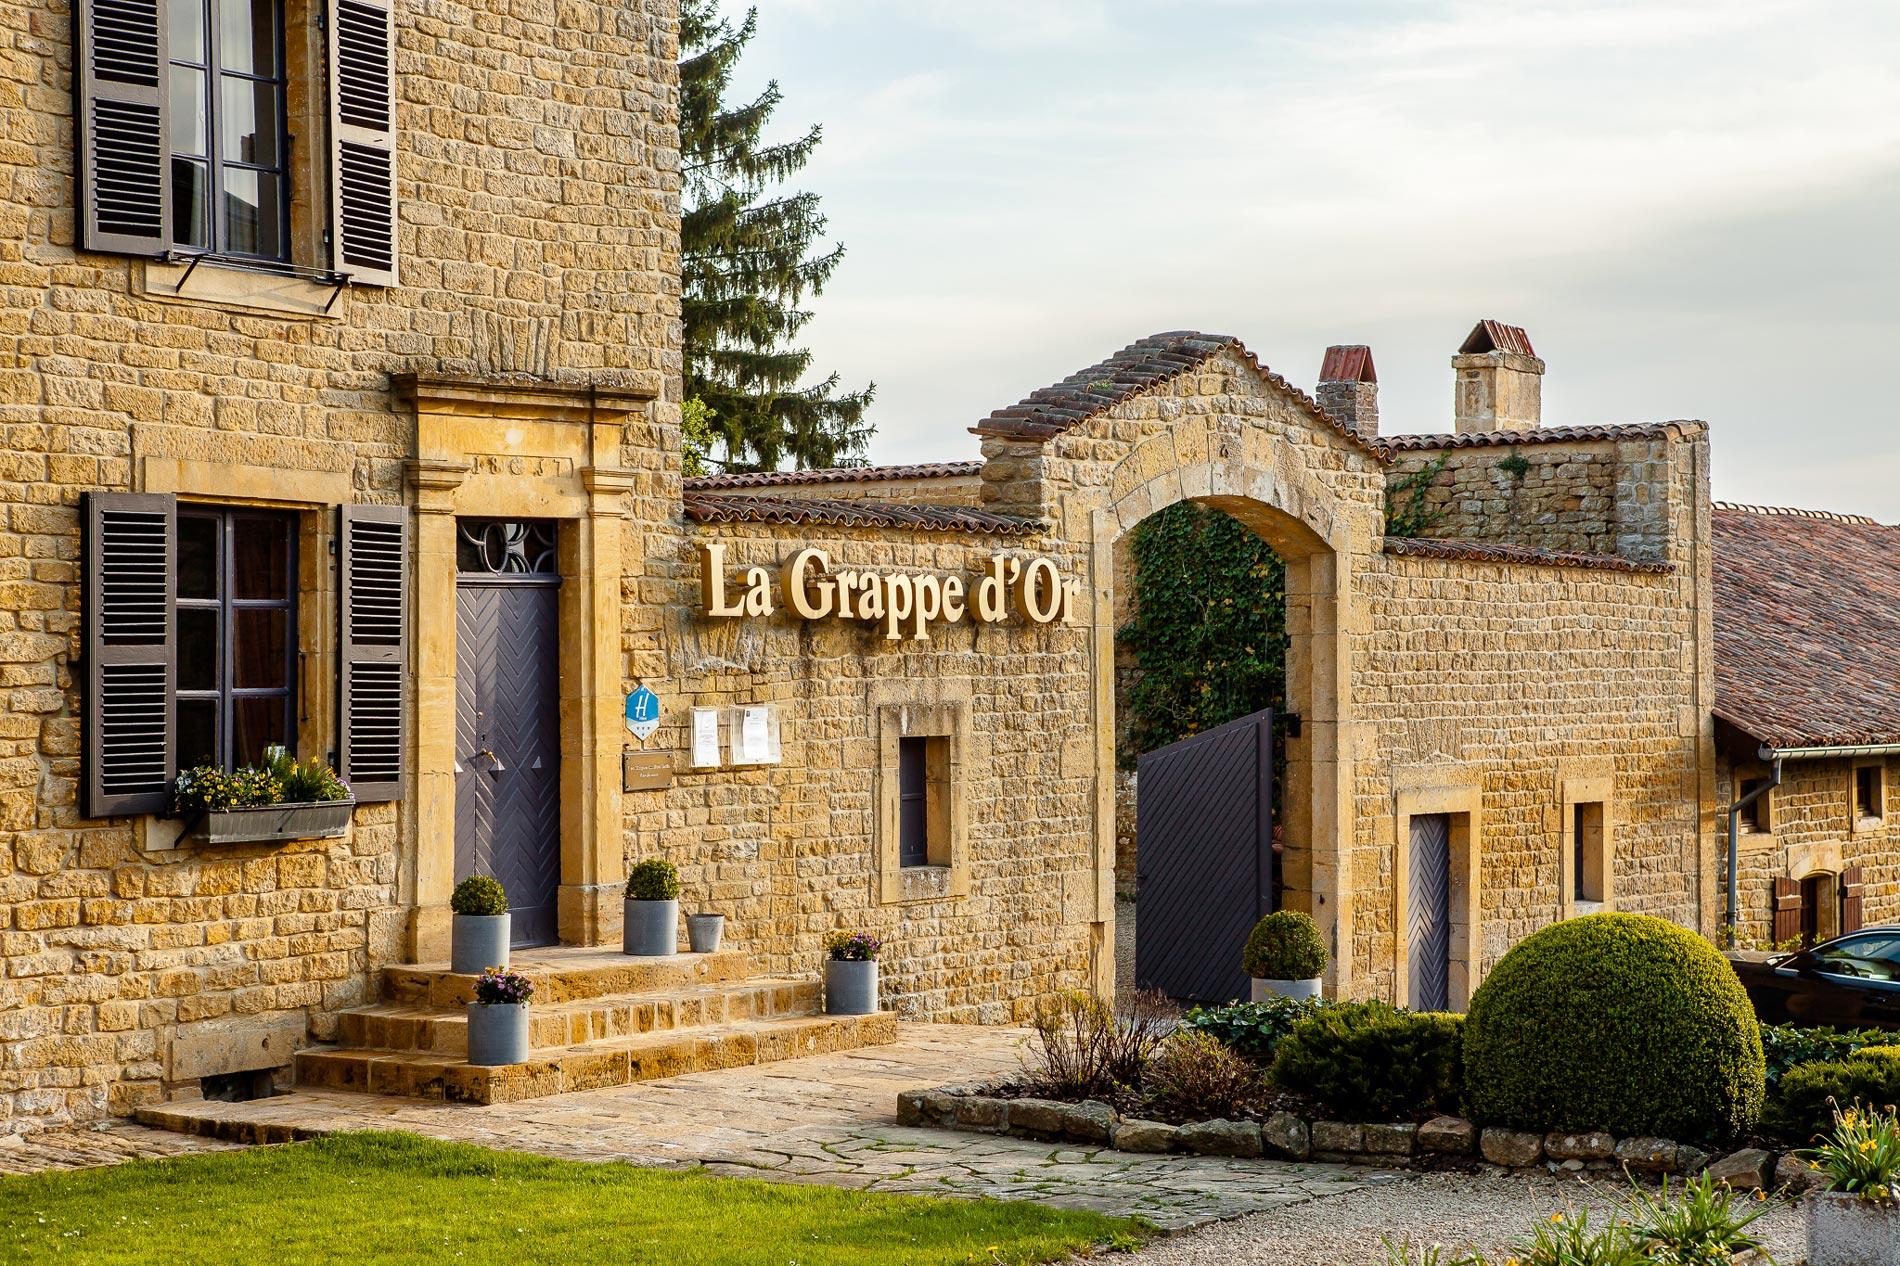 Exterior view of Auberge de la Grappe d'Or.